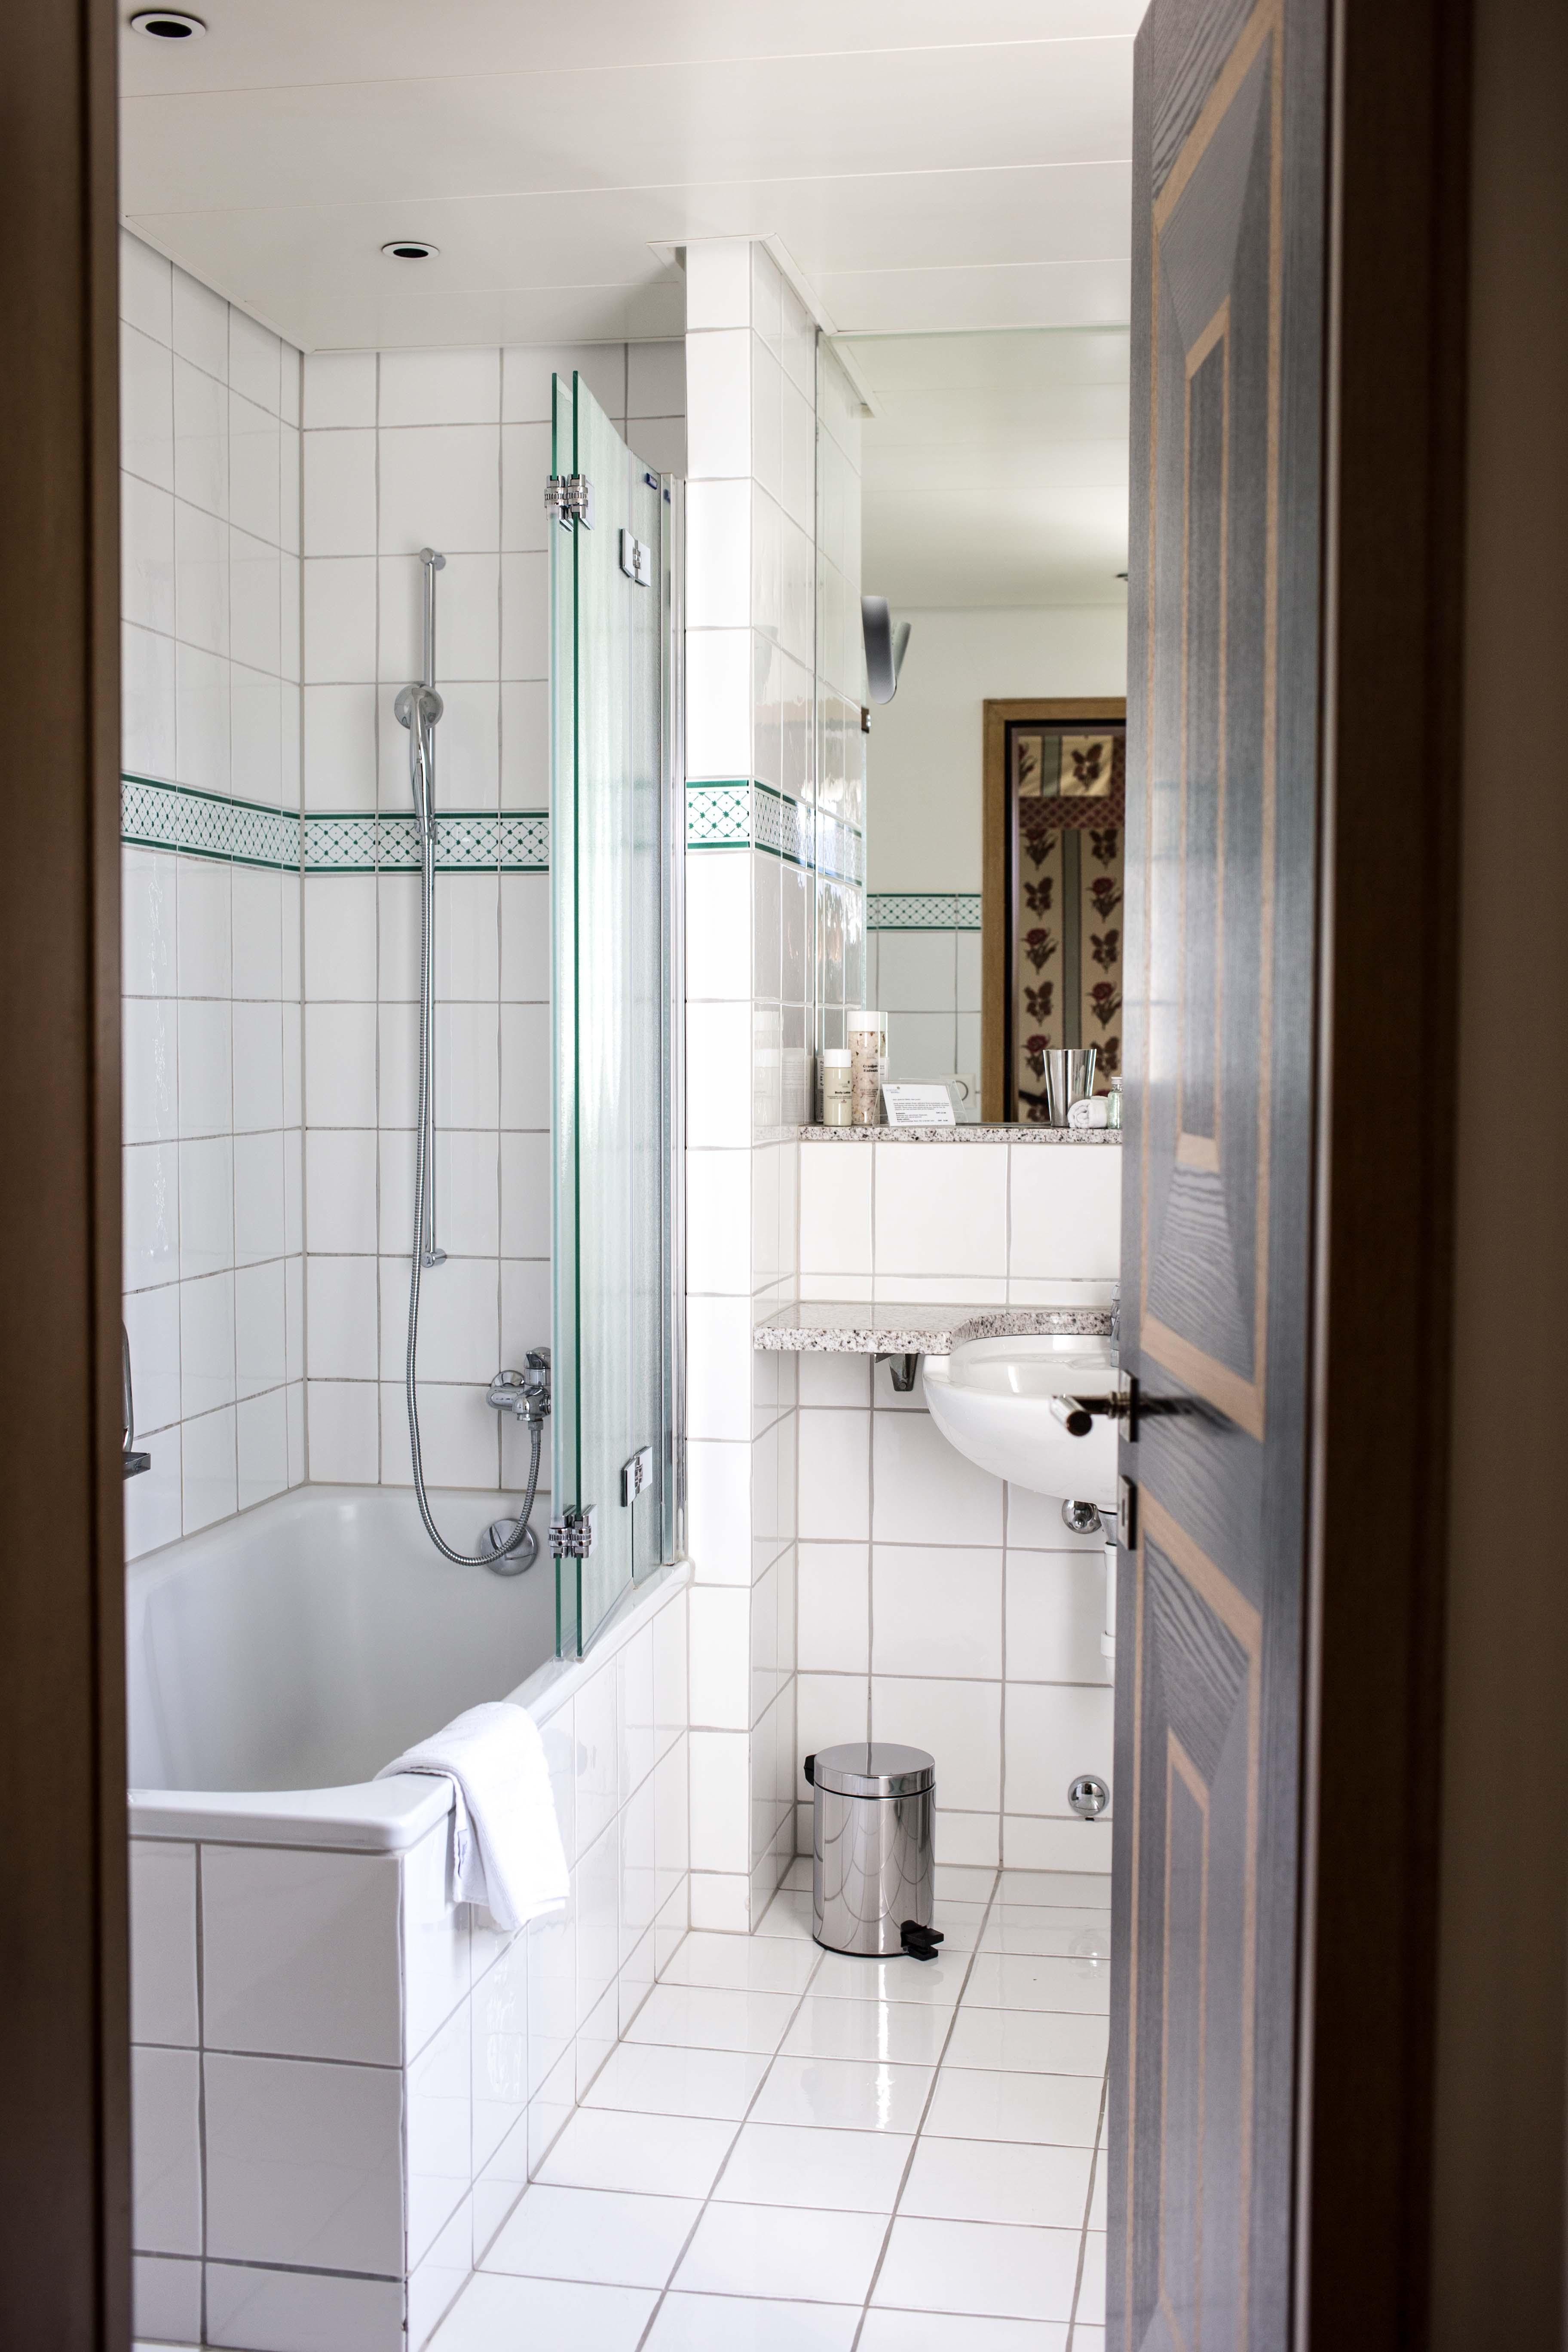 Hotelreview-Hotelempfehlung-Zürich-Küsnacht-Romantik-Hotels-Seehotel-Sonne_6681